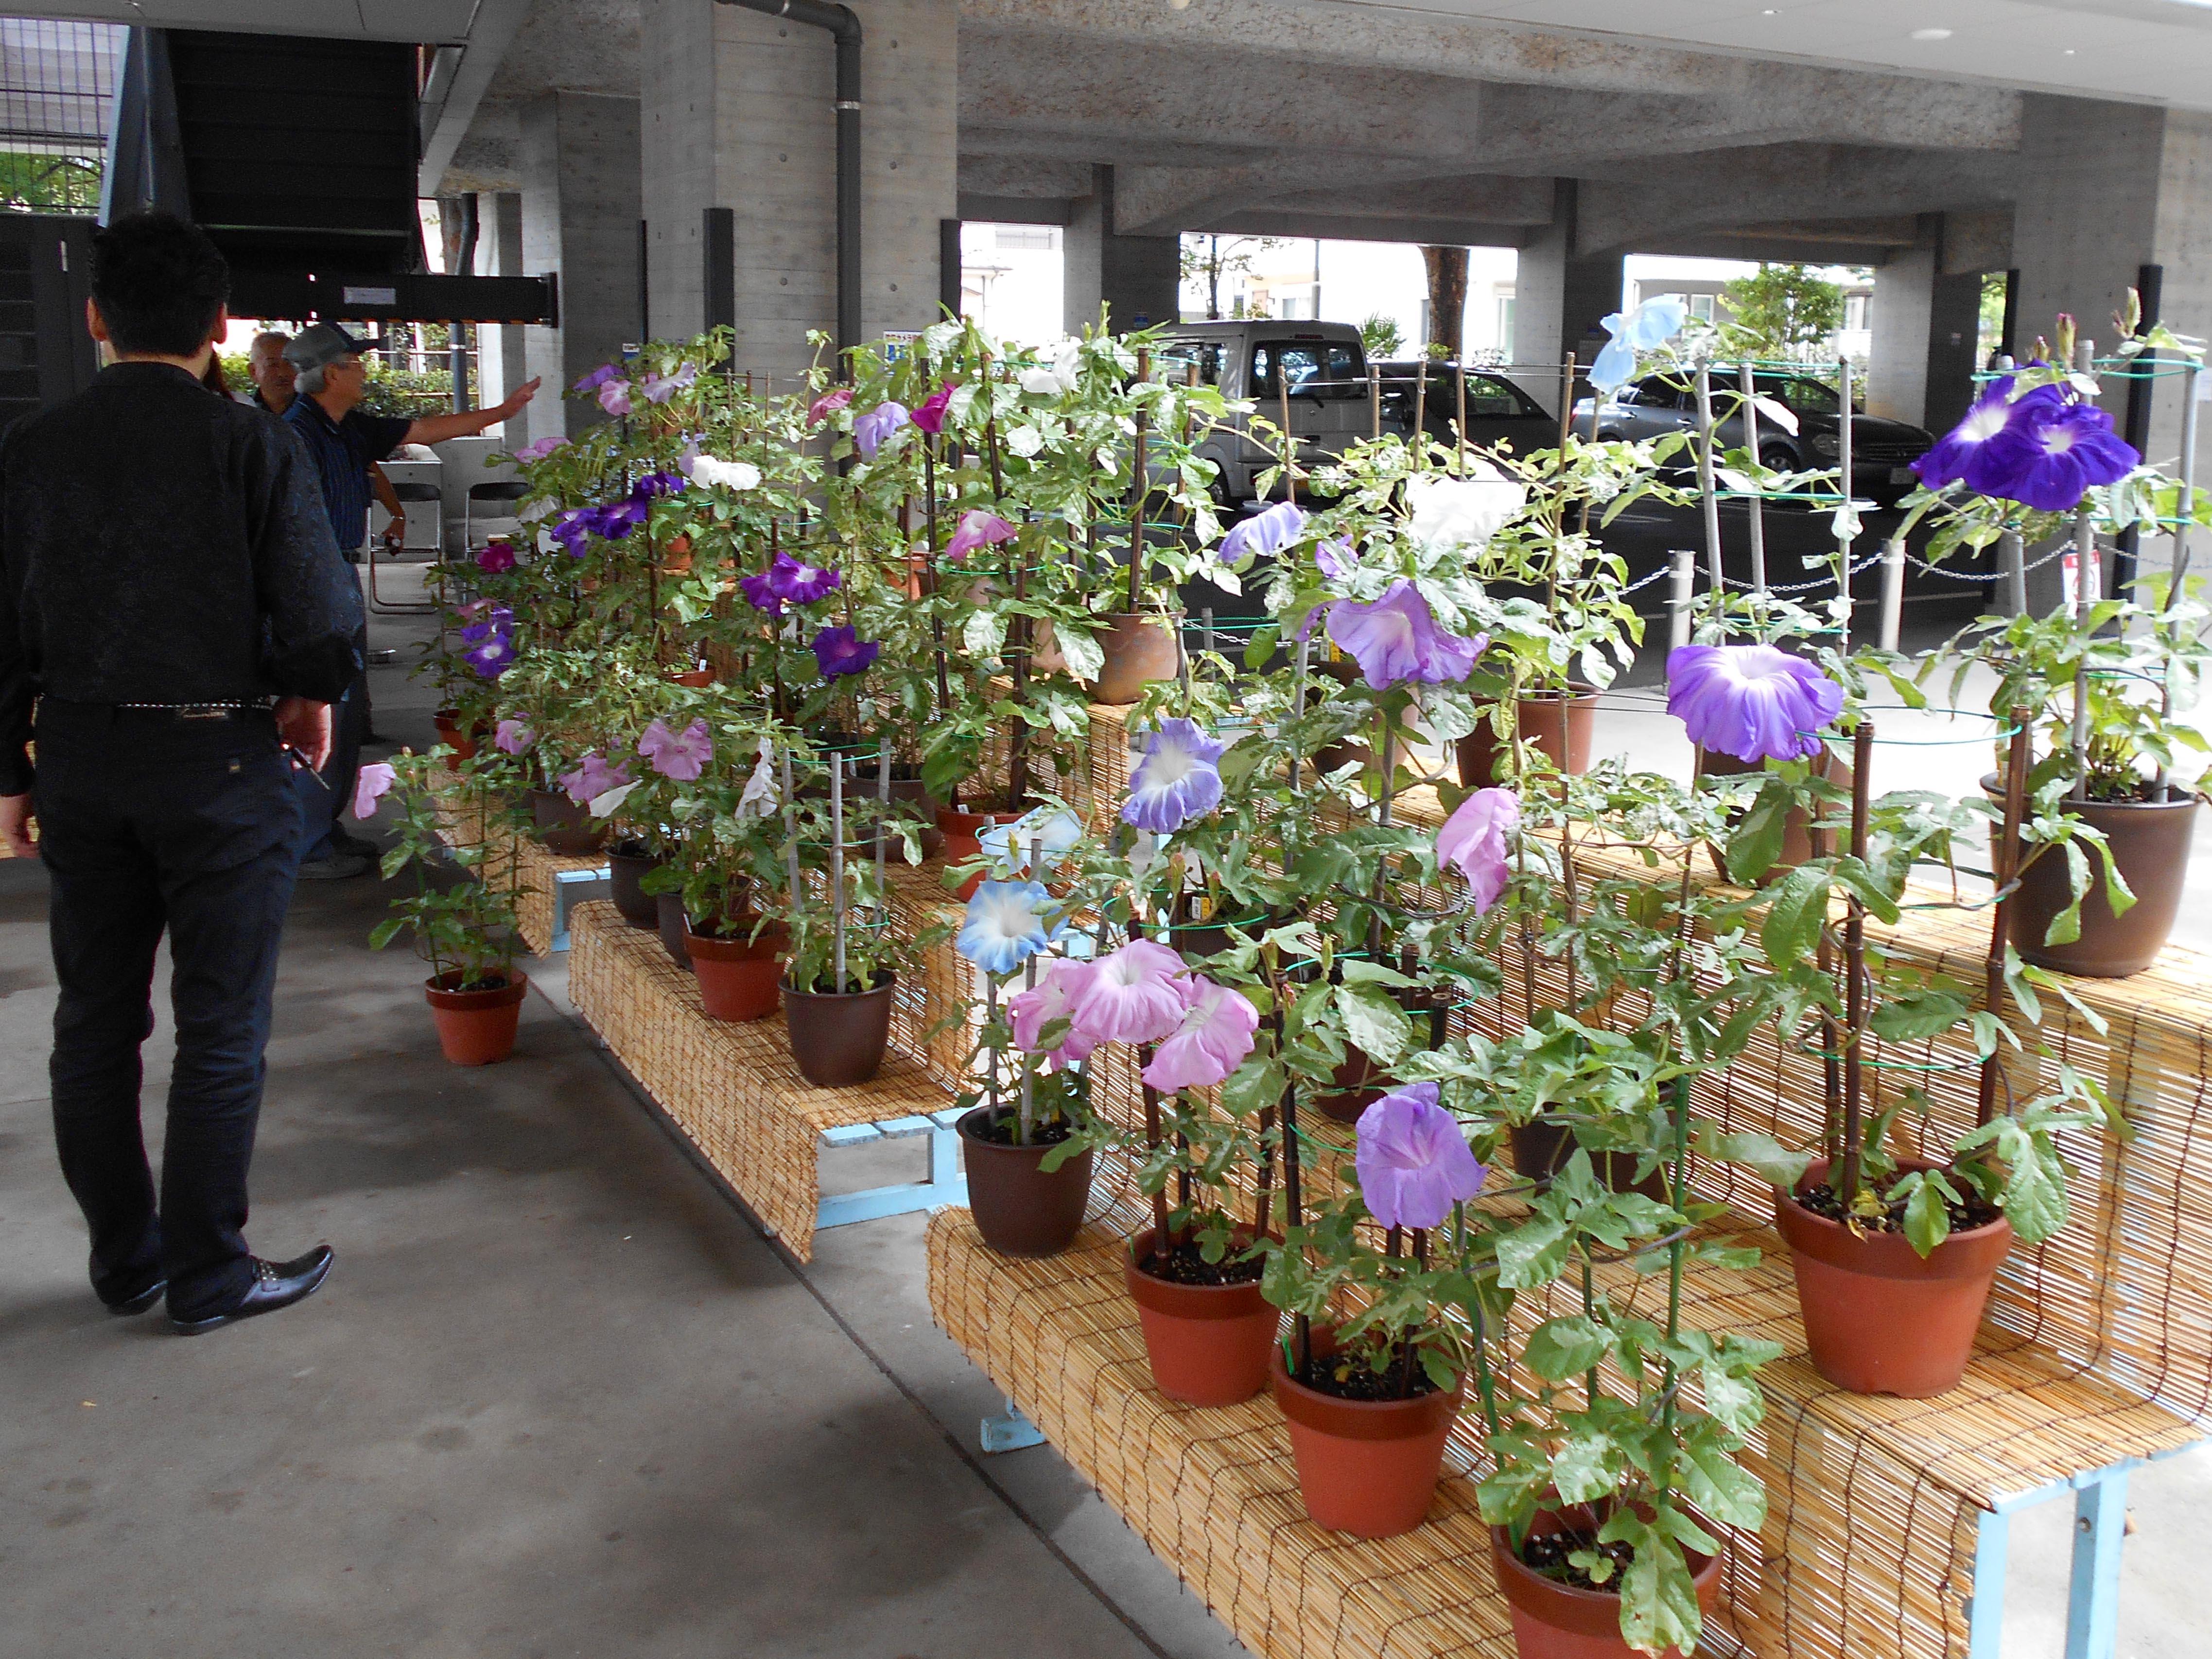 夏の風物詩「大輪朝顔展示会」(戸田公園支店)